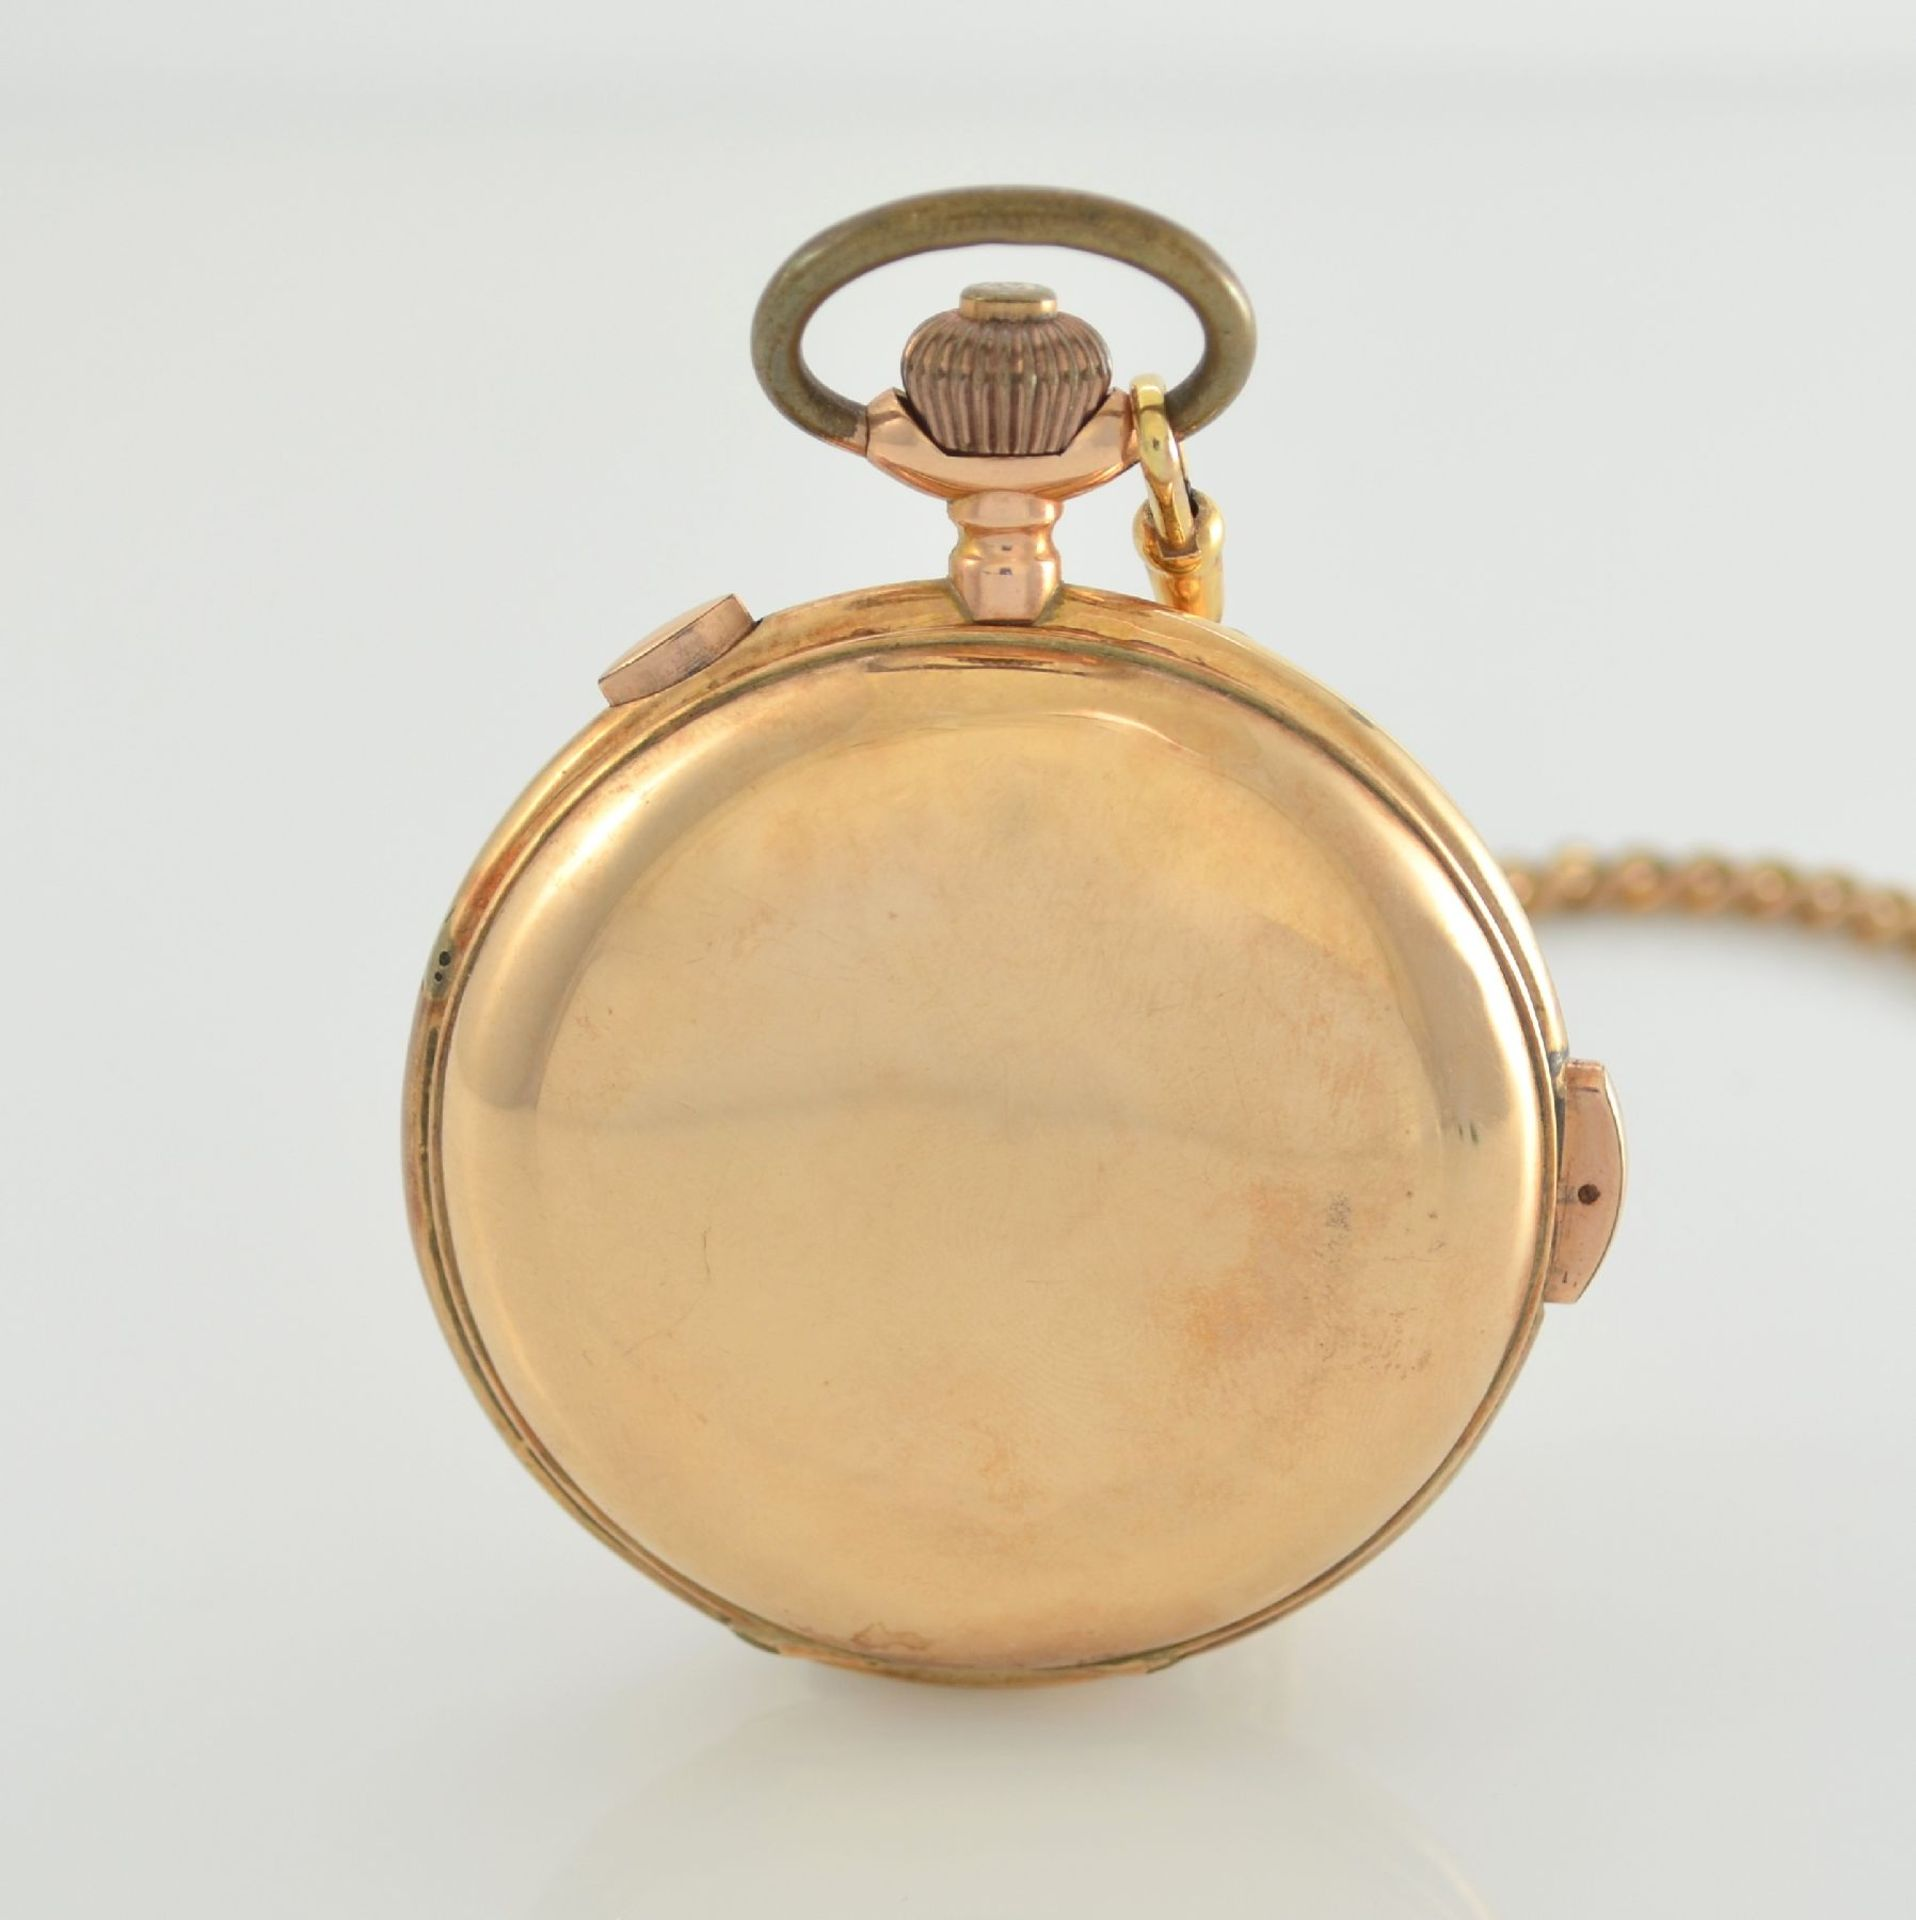 Savonette Herrentaschenuhr in RoseG 585/000 mit 1/4 Stunden Repetition und Chronograph, Schweiz um - Bild 4 aus 9